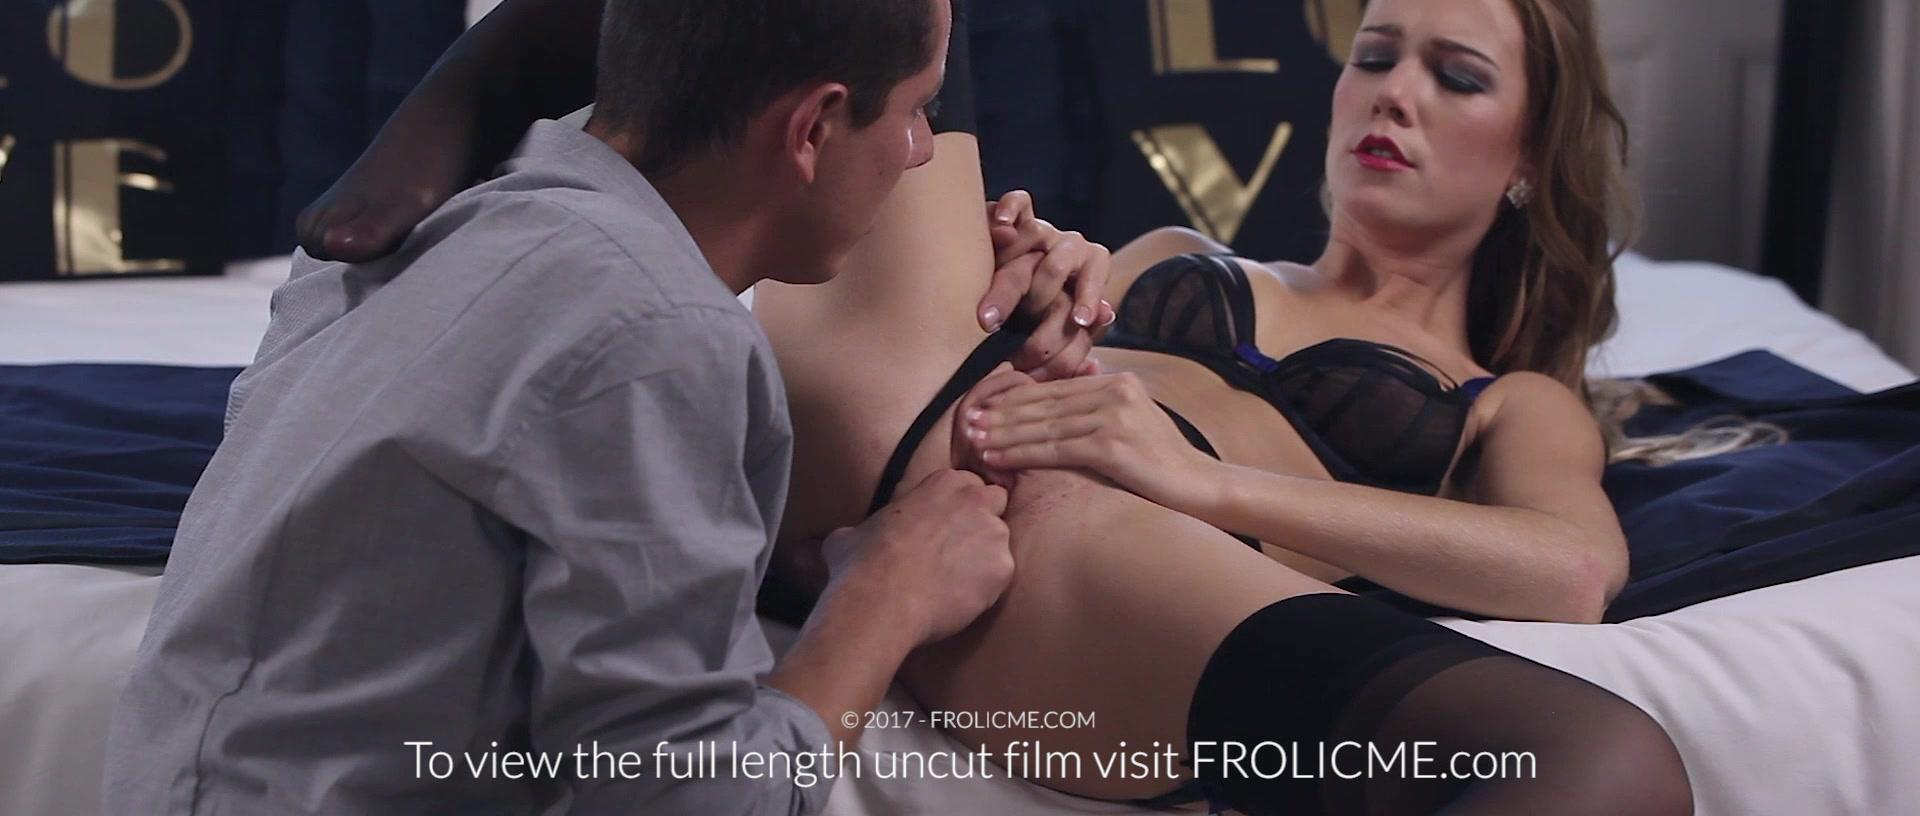 Xxx Free blindfolded latina sex tube movies hard blindfolded